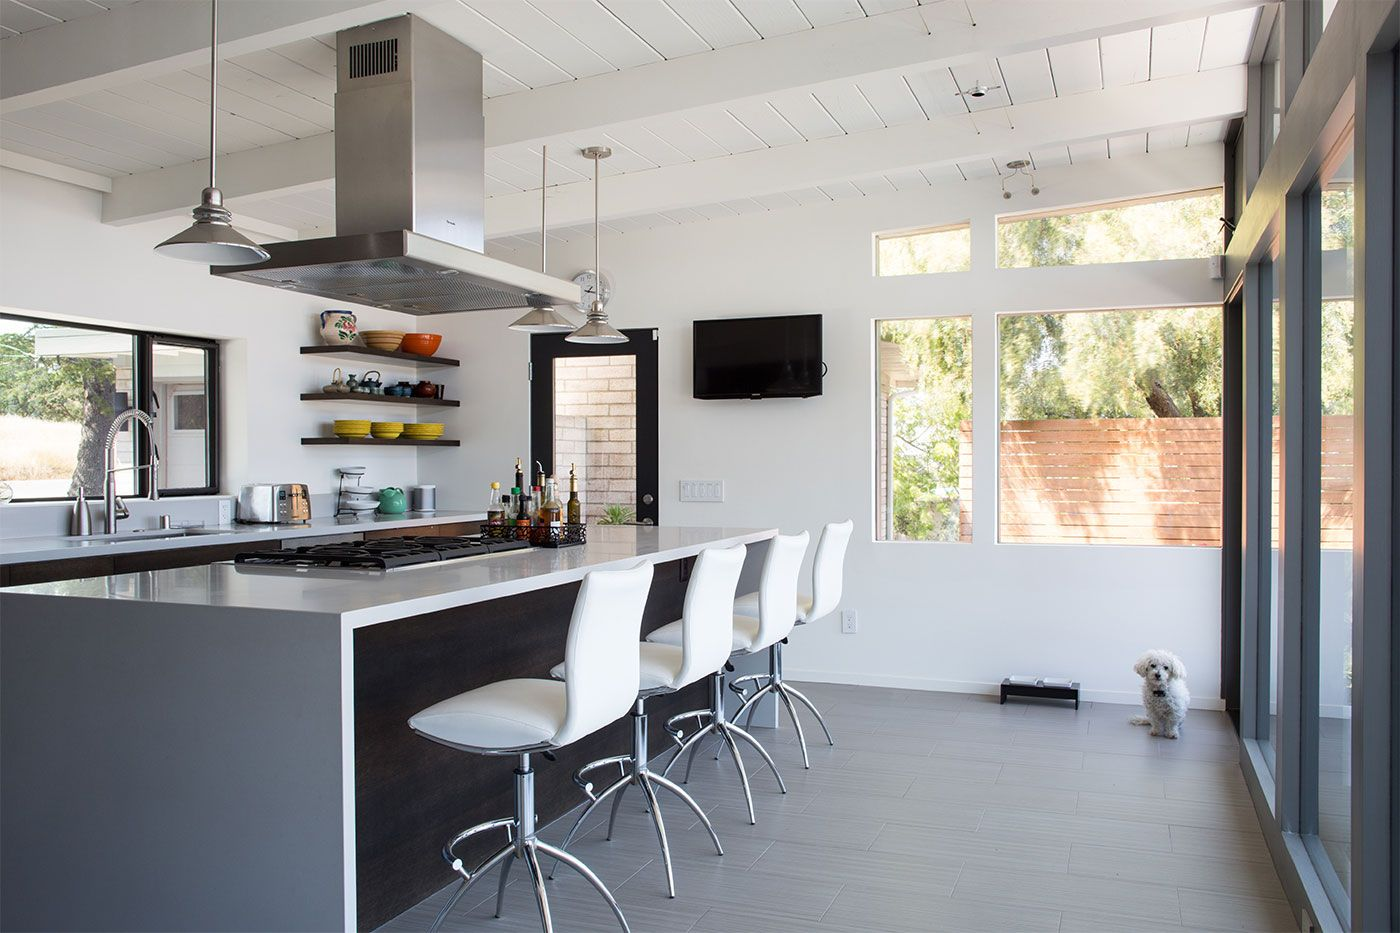 Mid Century Modern Kitchen Design - What is the Best Interior Paint ...